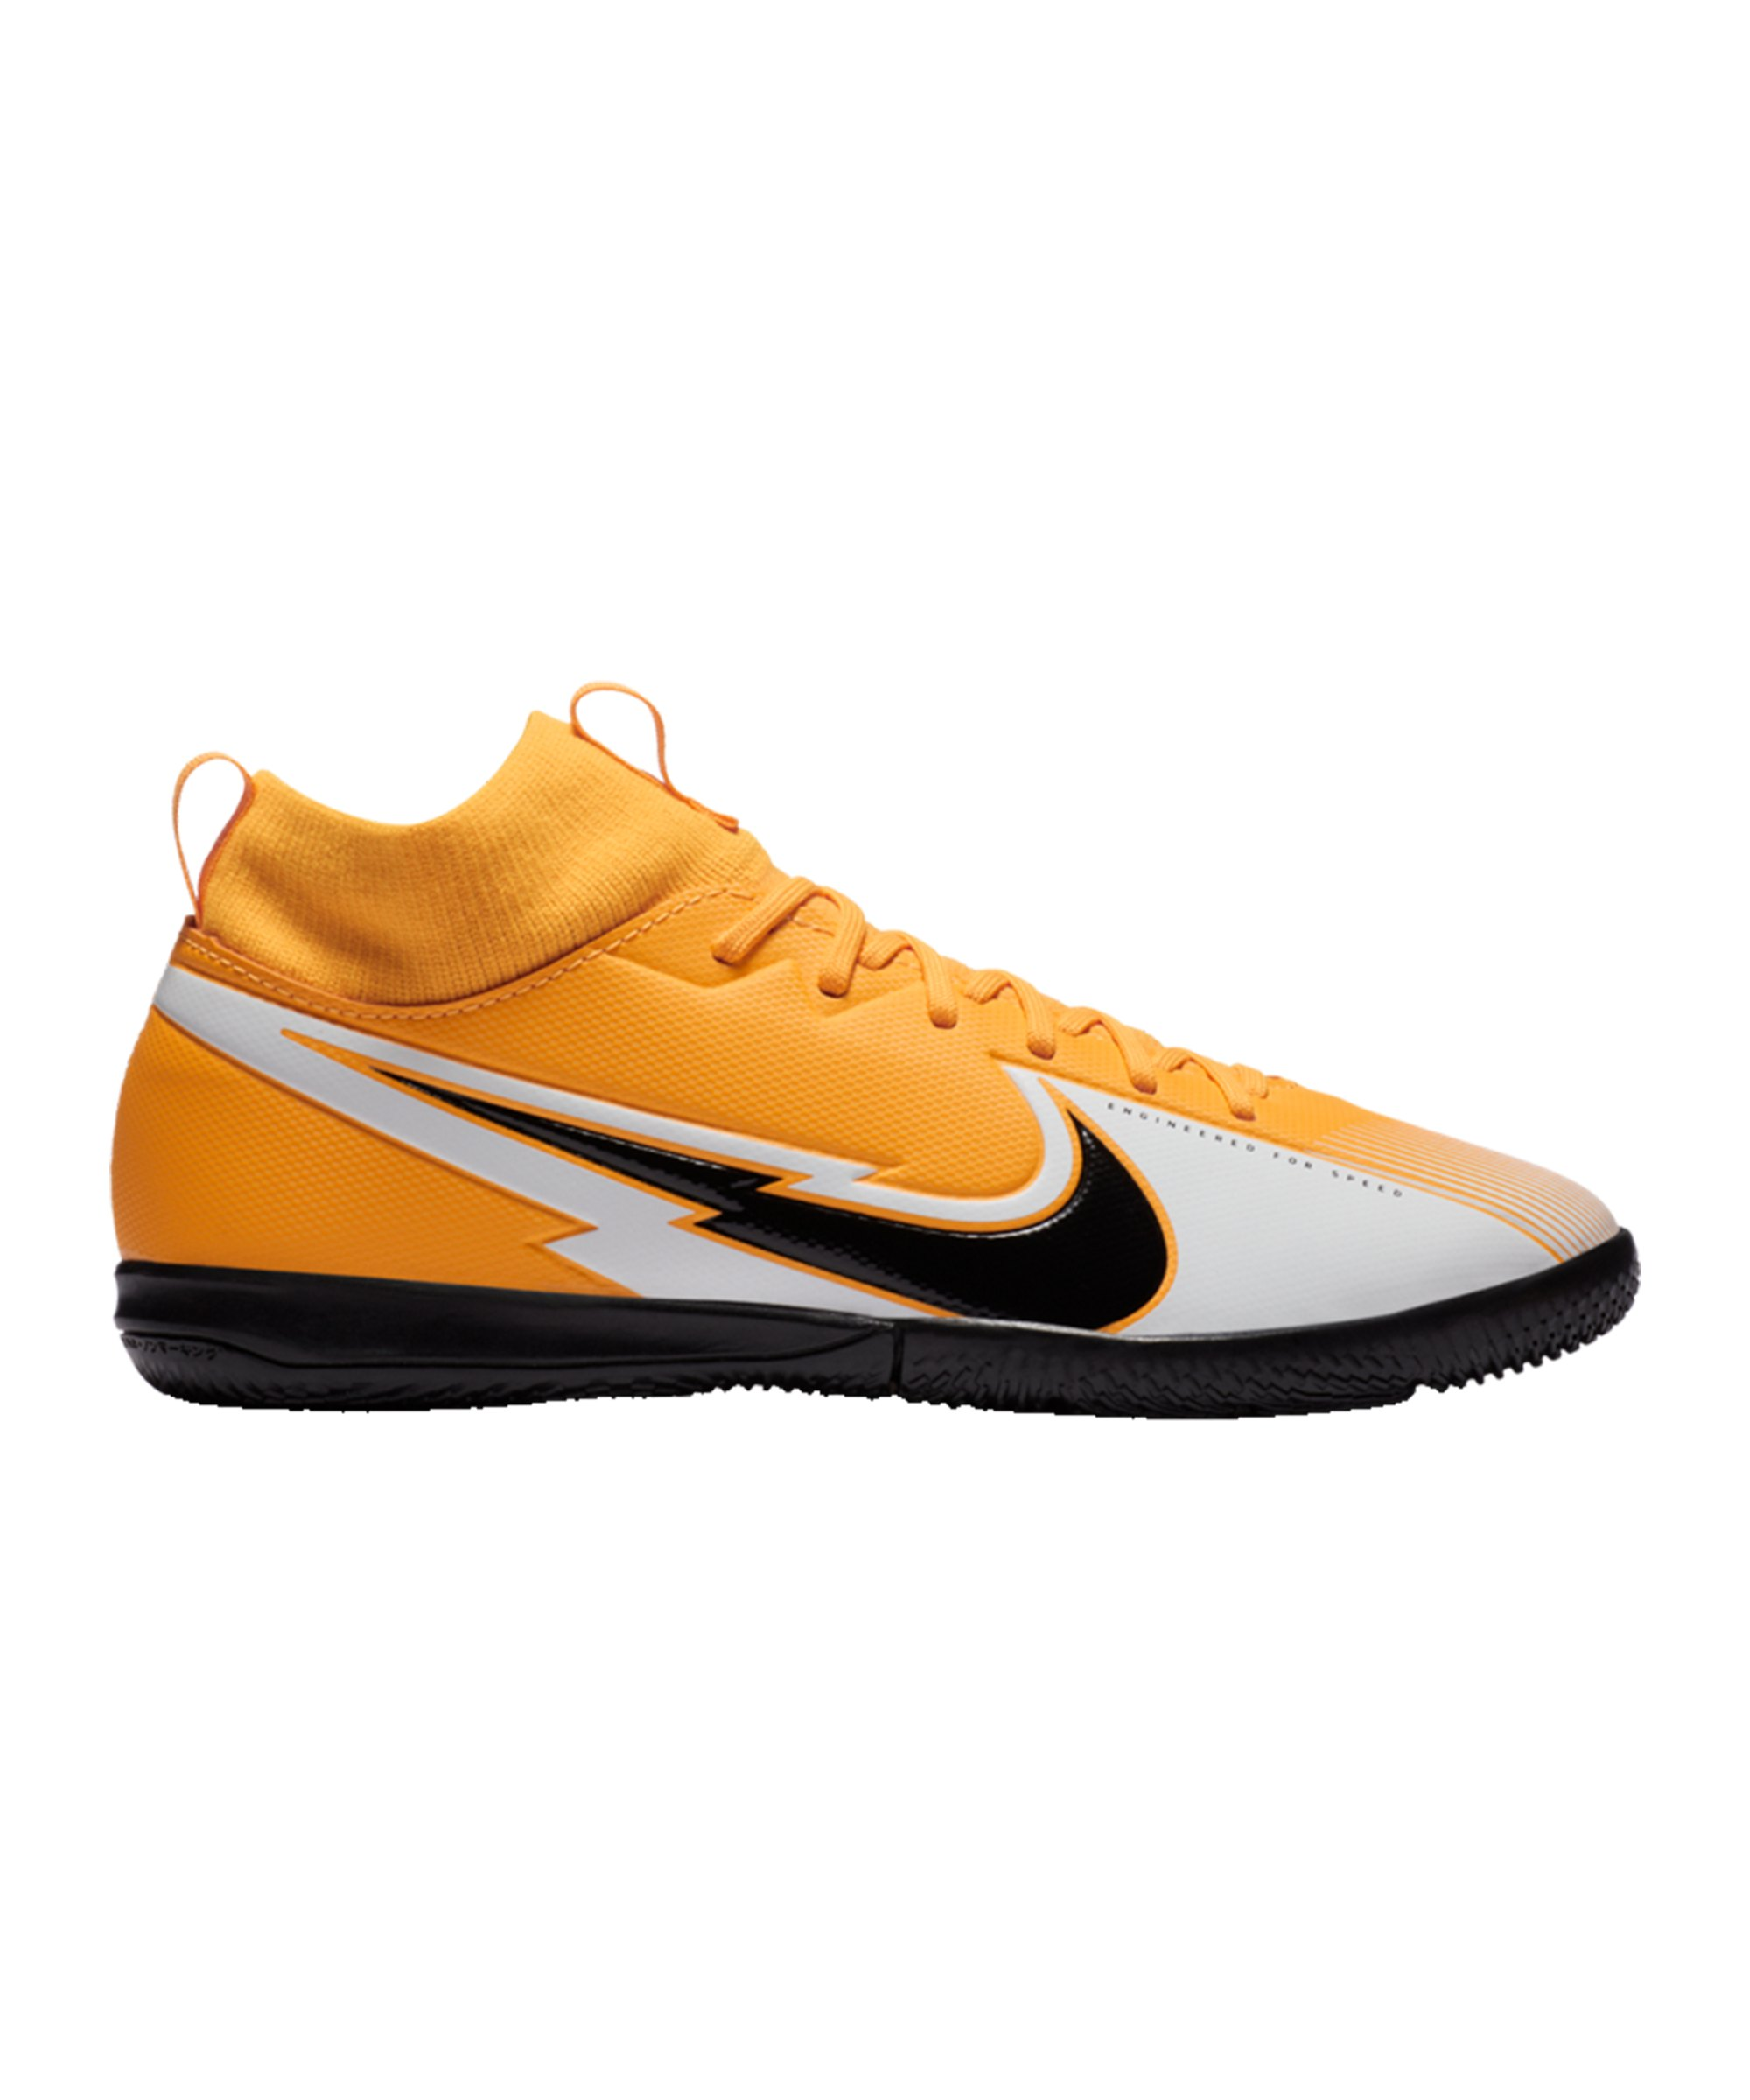 Nike Jr Mercurial Superfly VII Daybreak Academy IC Kids Orange F801 - orange